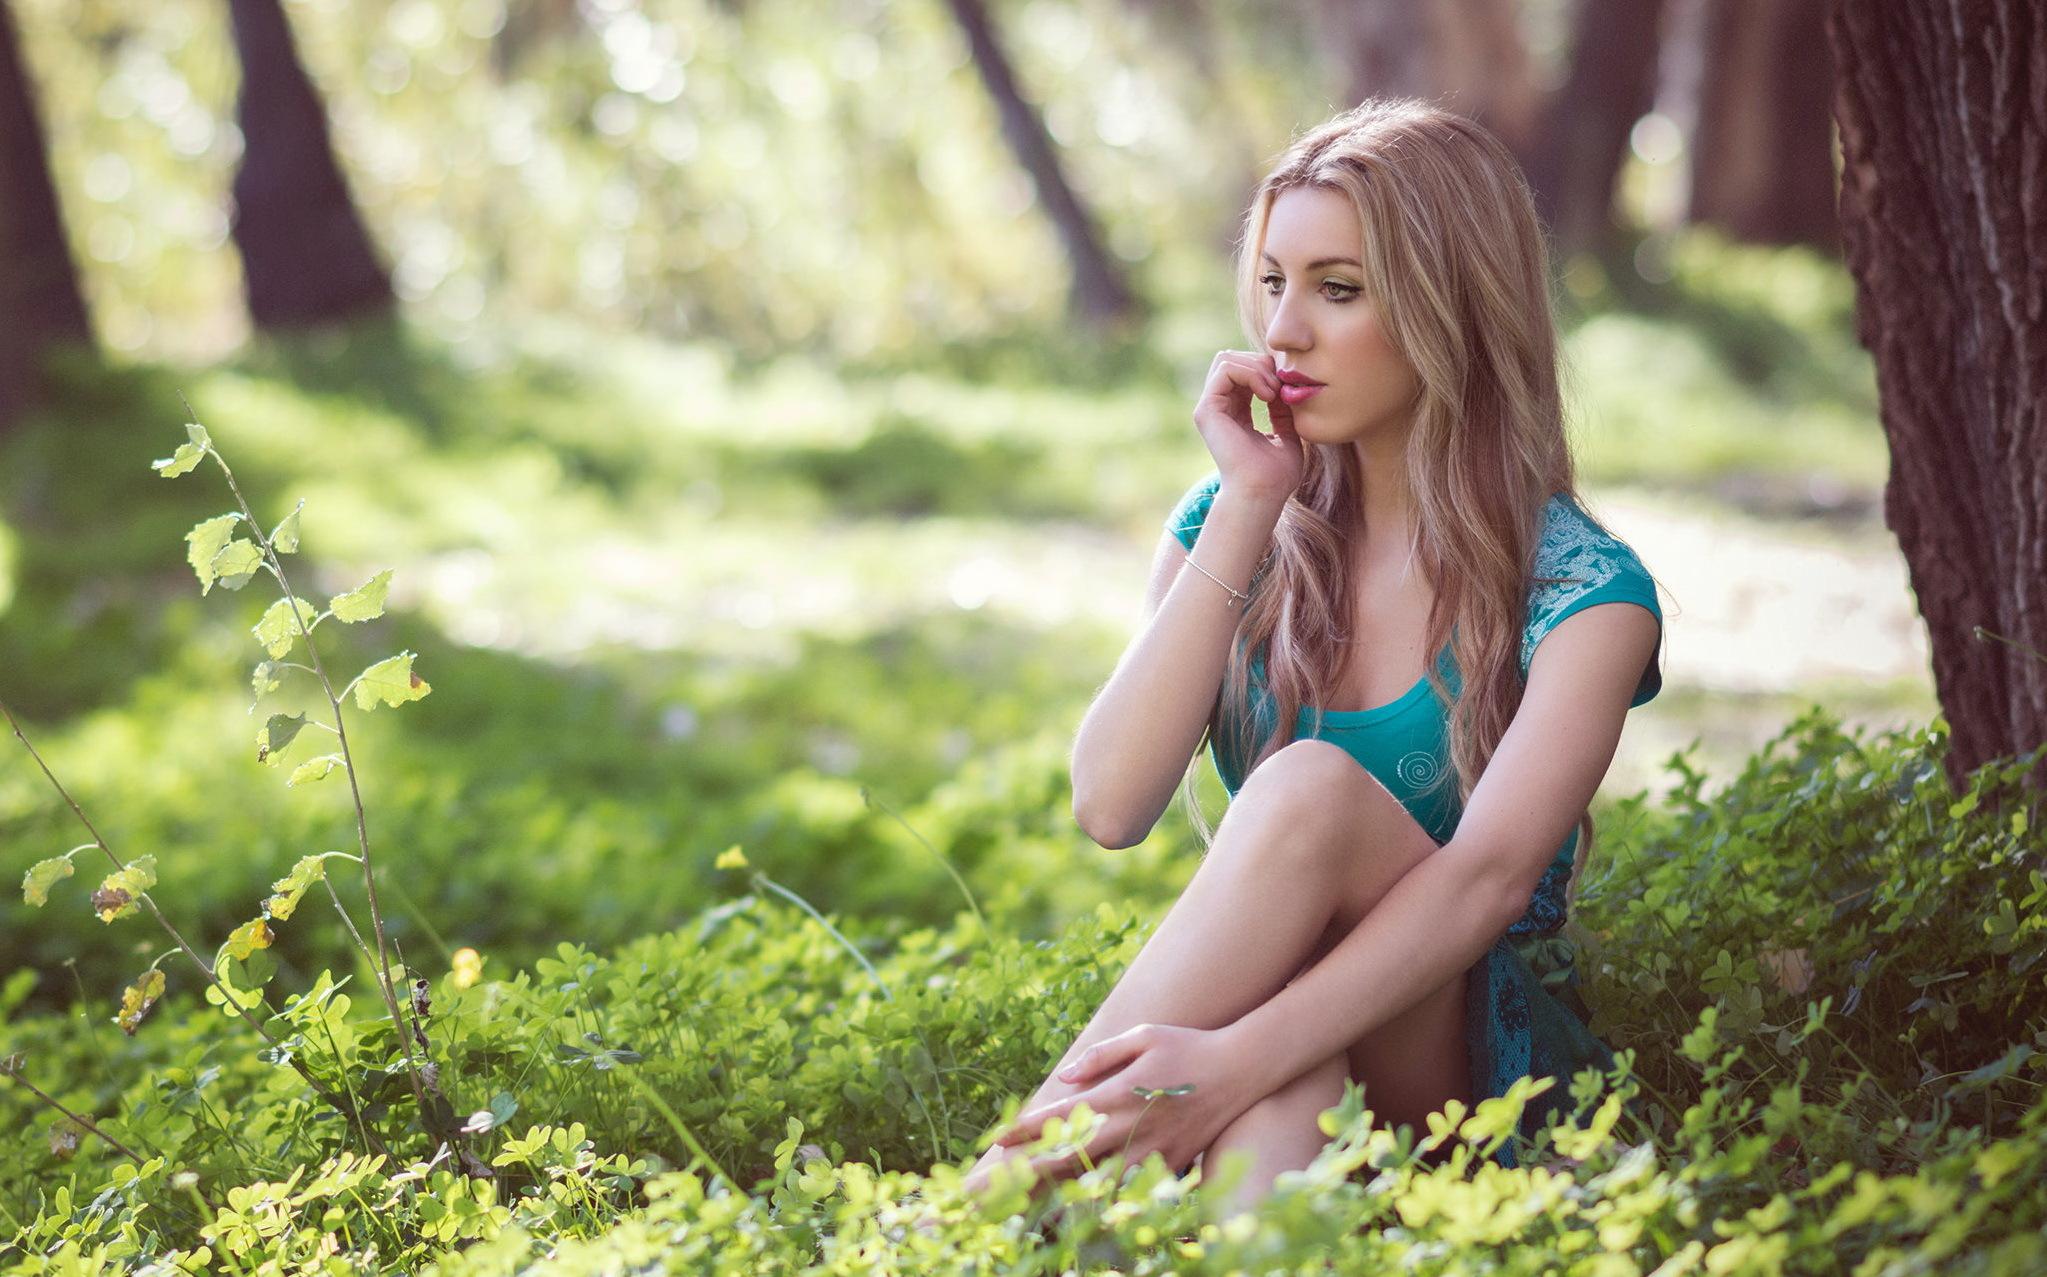 блондинка ней, красивая русская девушка в лесу думаю зачем